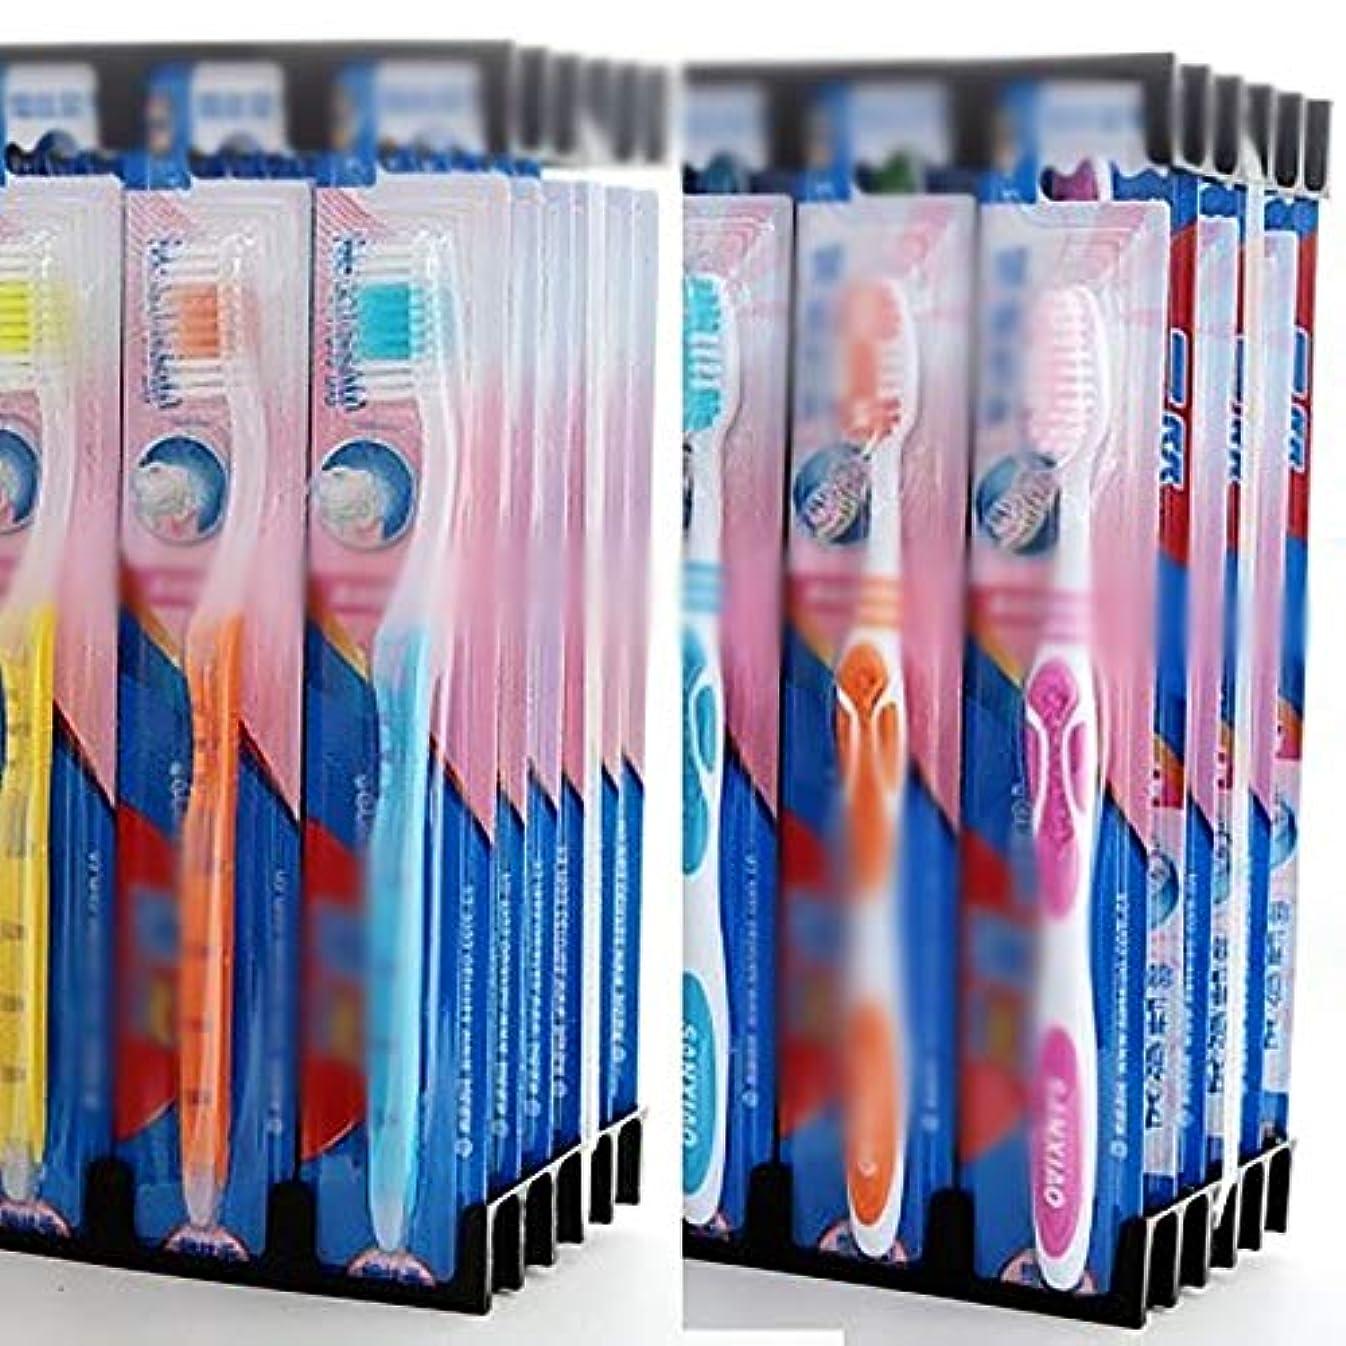 にじみ出る軍謙虚歯ブラシ 30本のバルク歯ブラシ、ソフト毛歯ブラシ、歯科衛生の深いクリーニング - 使用可能なスタイルの3種類 KHL (色 : B, サイズ : 30 packs)